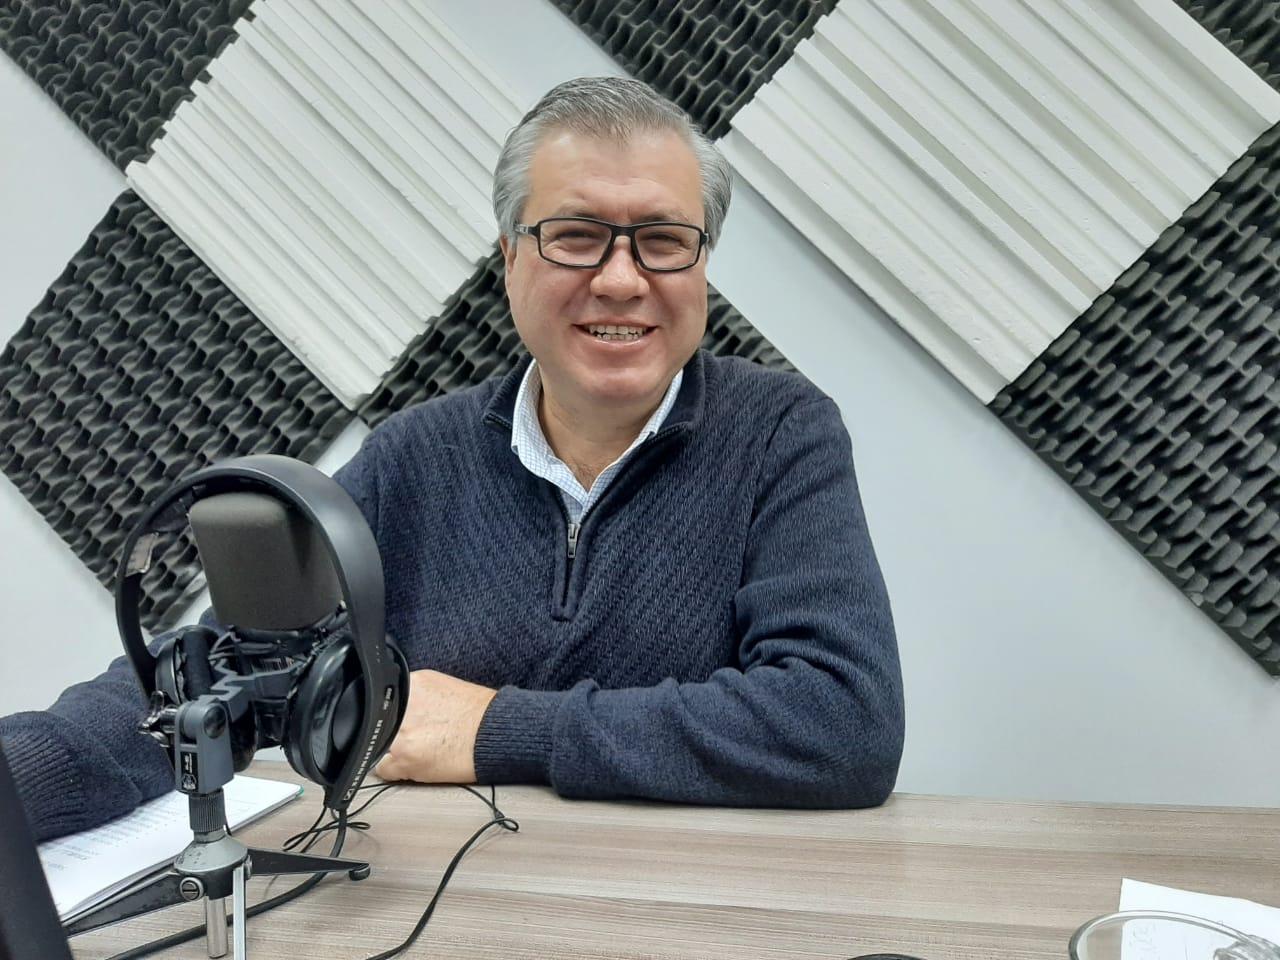 Marco Cazco: Incremento de beneficiarios del Bono de Desarrollo Humano.